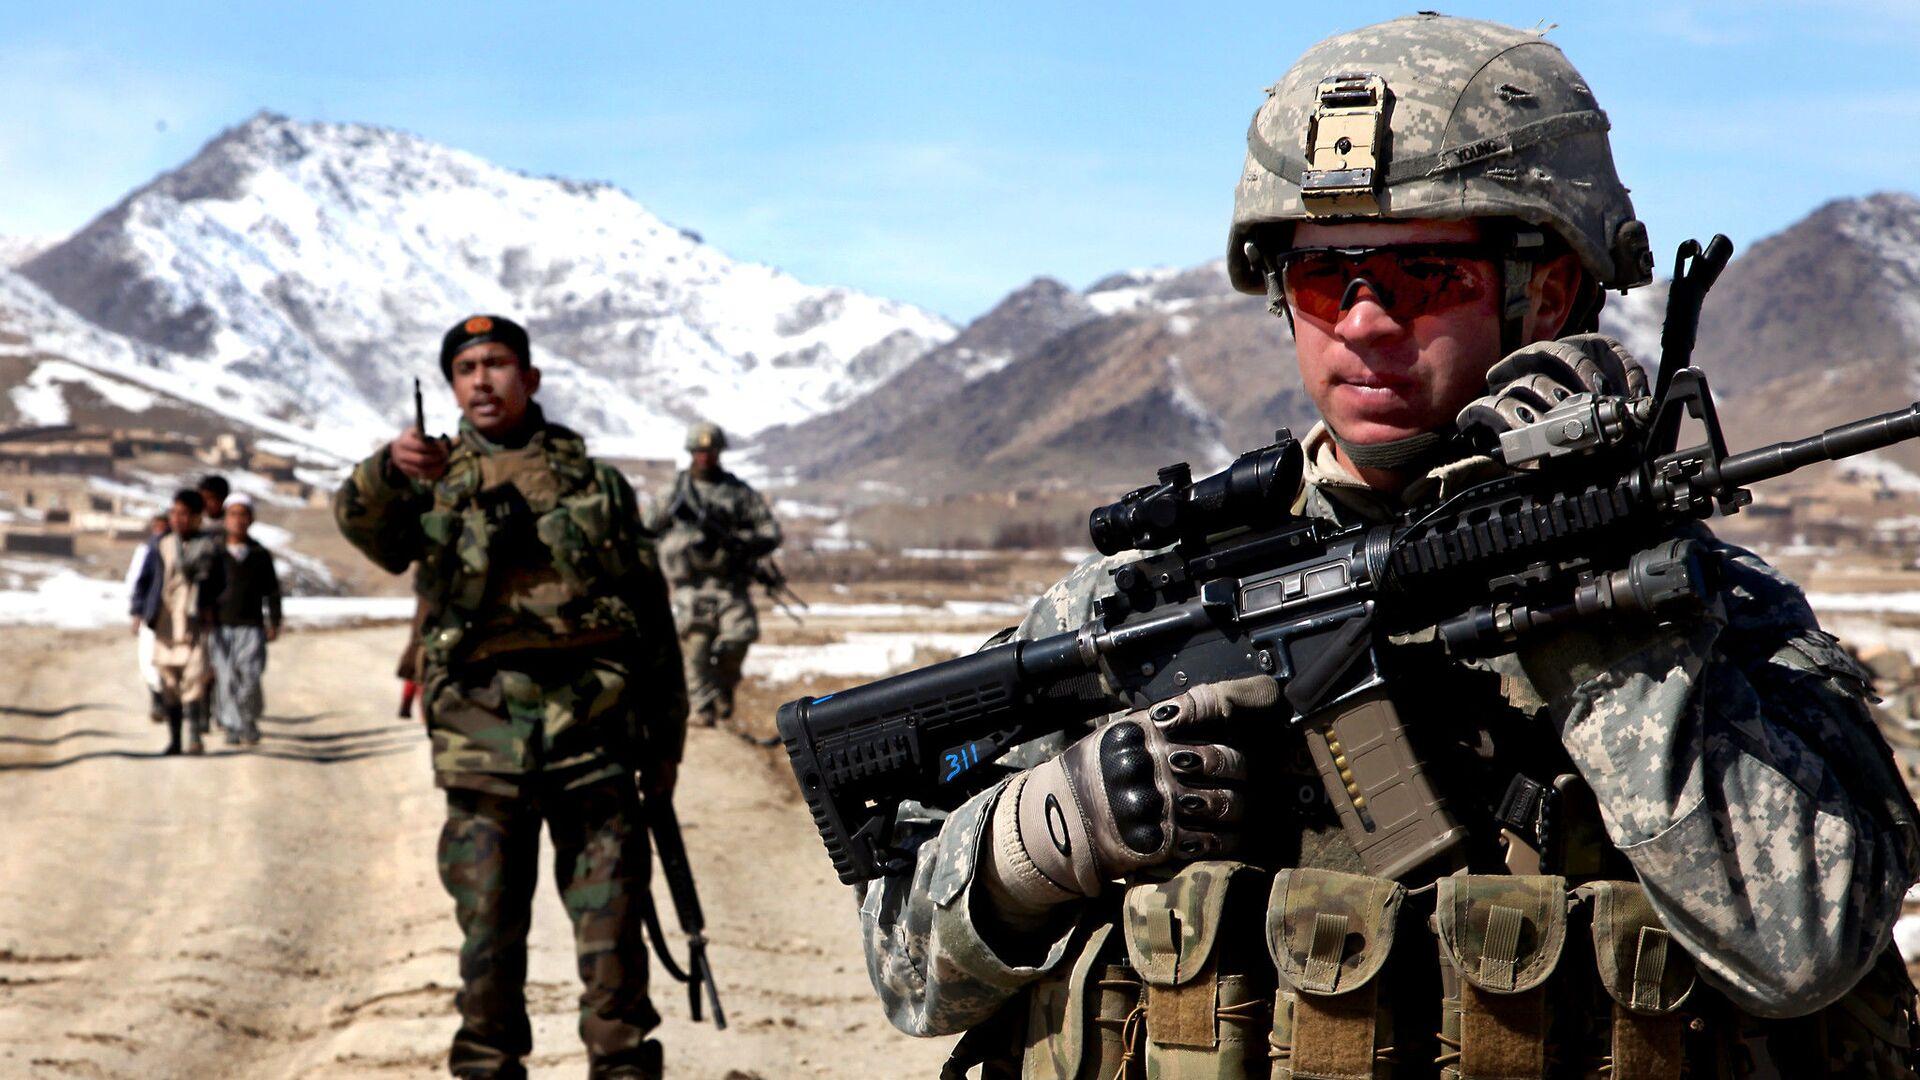 Un soldato dell'esercito degli Stati Uniti pattuglia con soldati afghani per verificare le condizioni nel villaggio di Yawez nella provincia di Wardak, Afghanistan, 17 febbraio 2010 - Sputnik Italia, 1920, 16.05.2021